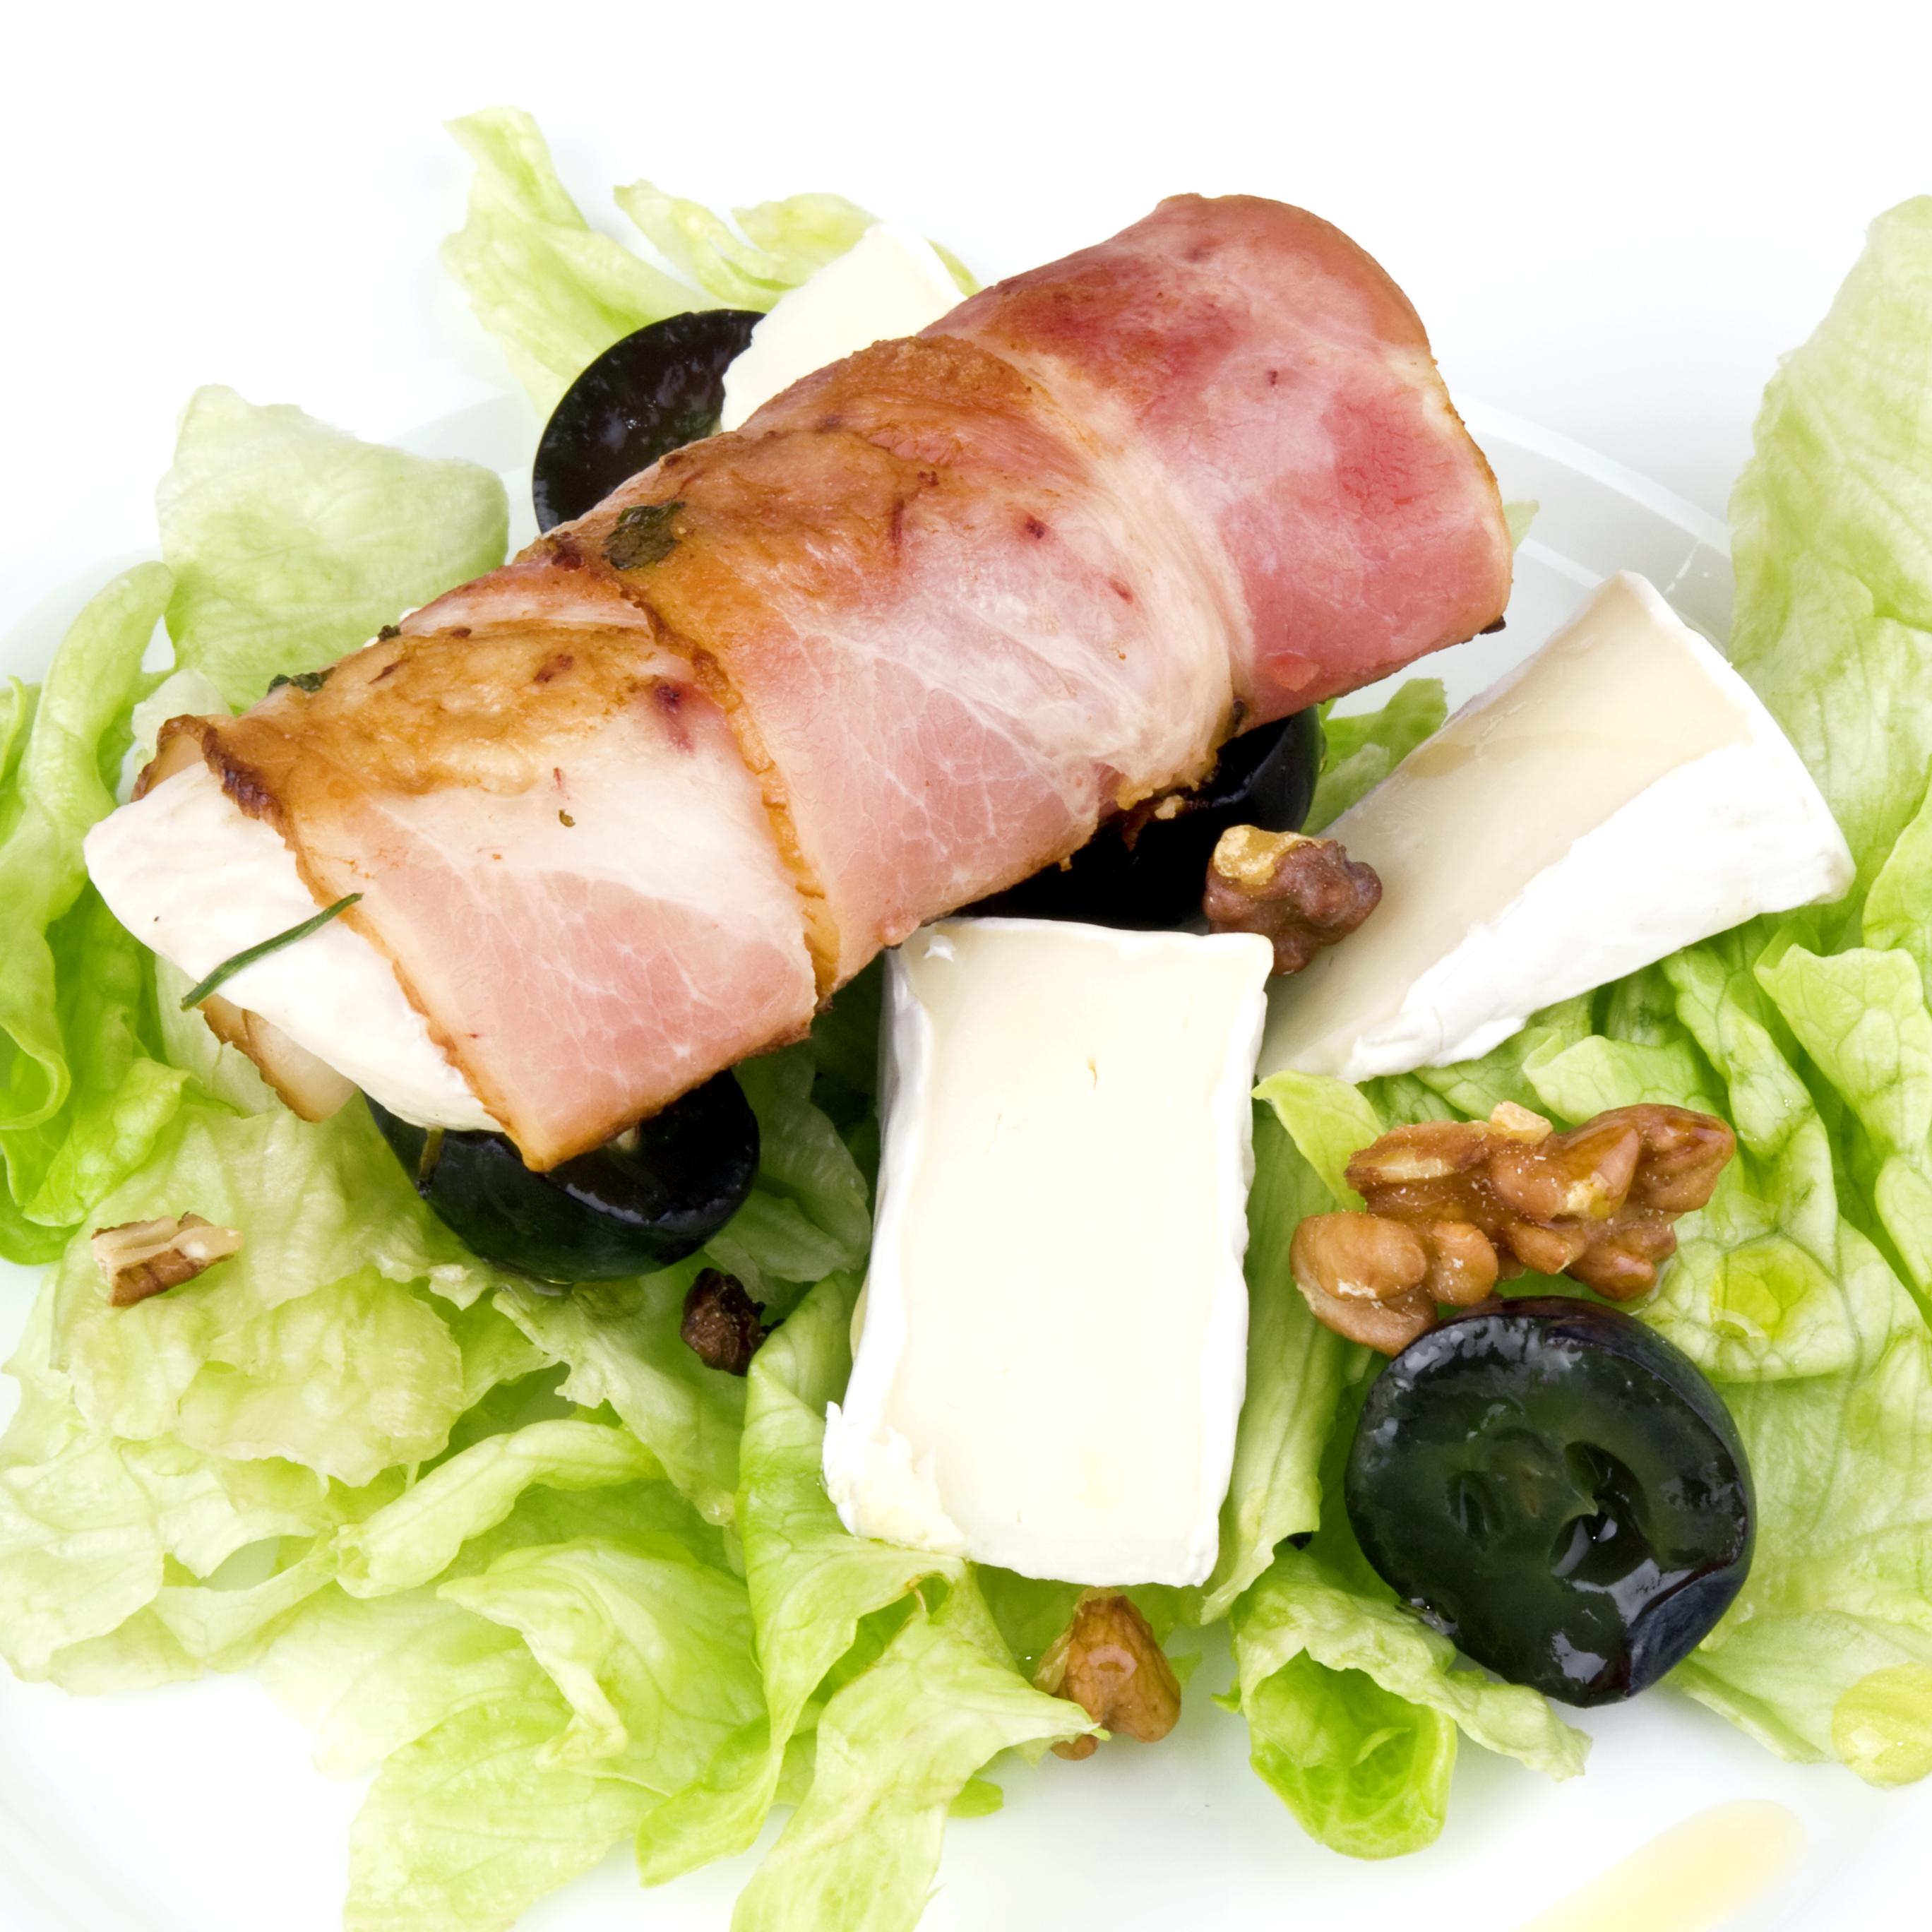 Ensalada con rollitos de beicon, pollo y queso